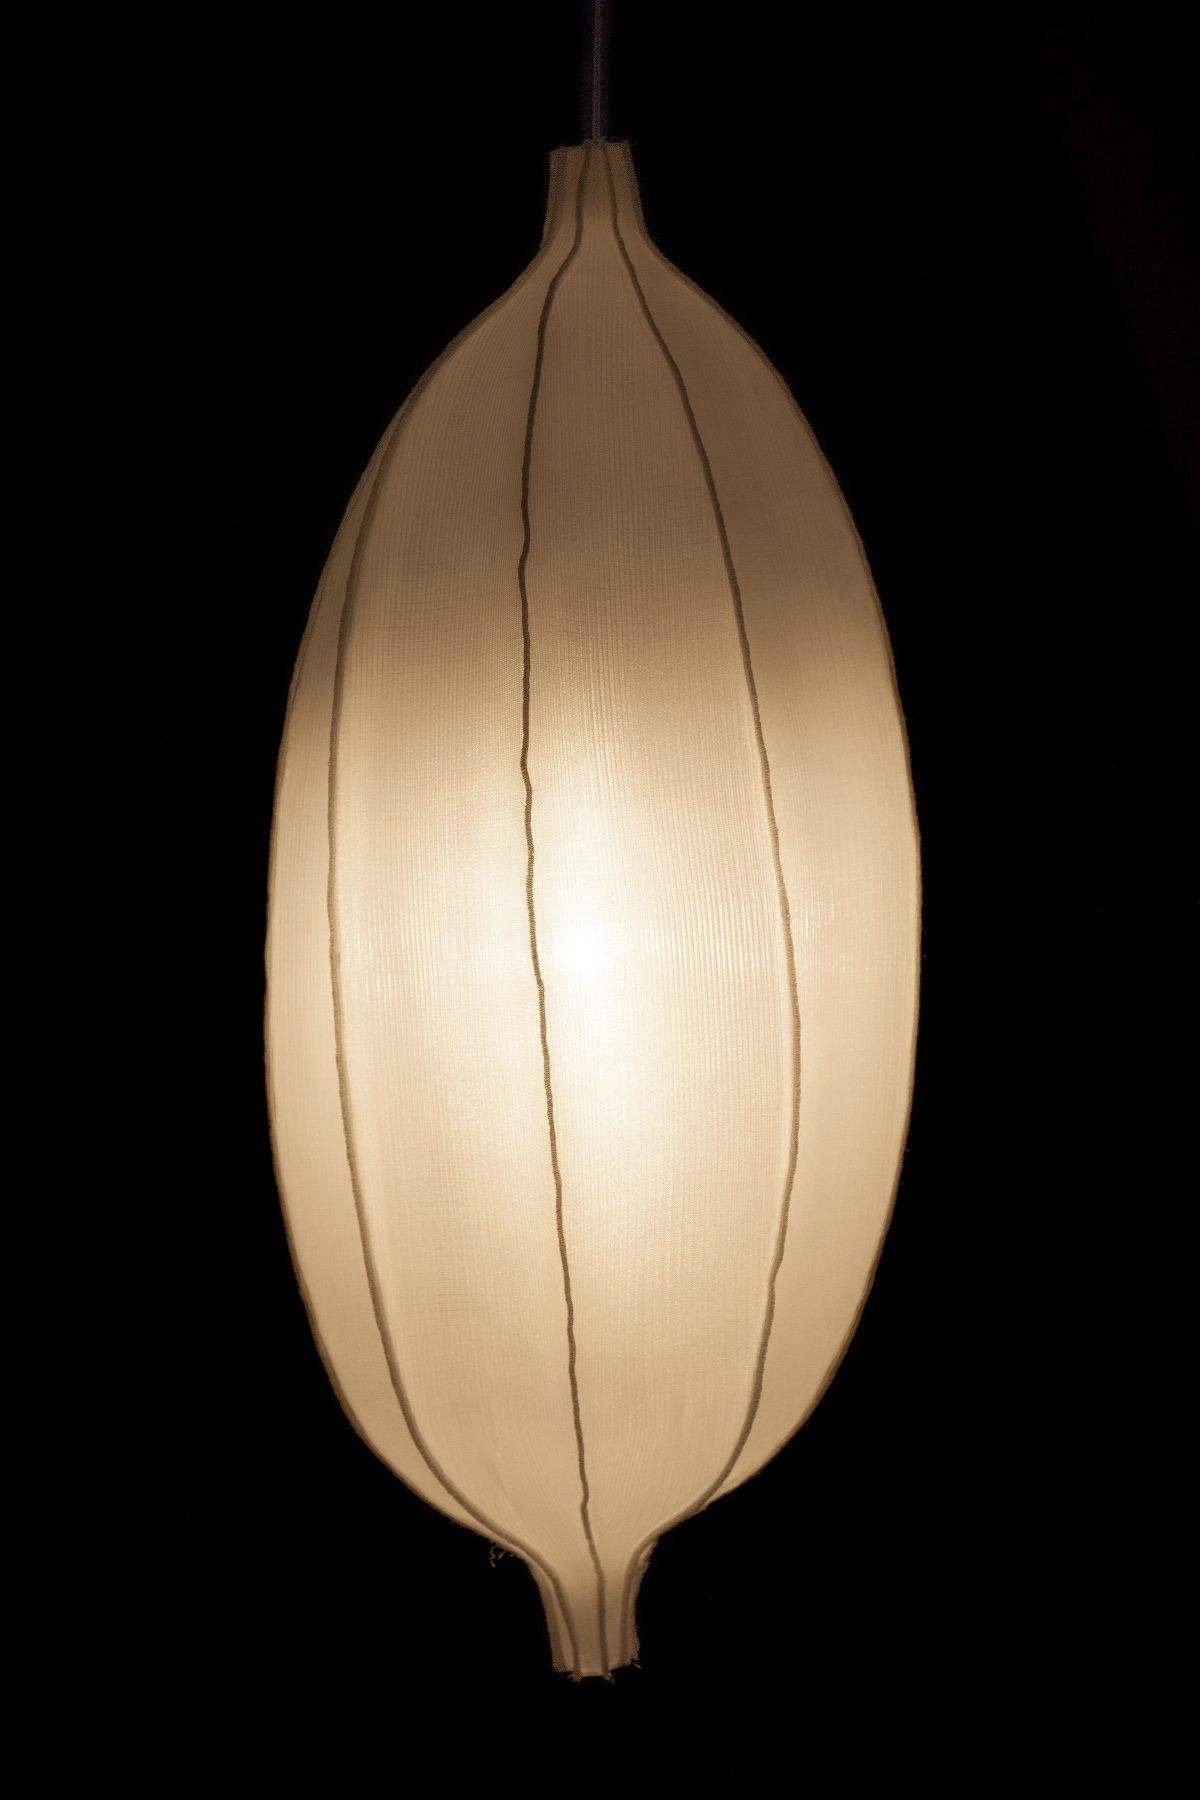 Radiolaria Discomedusa adulta hanglamp van Bernotat